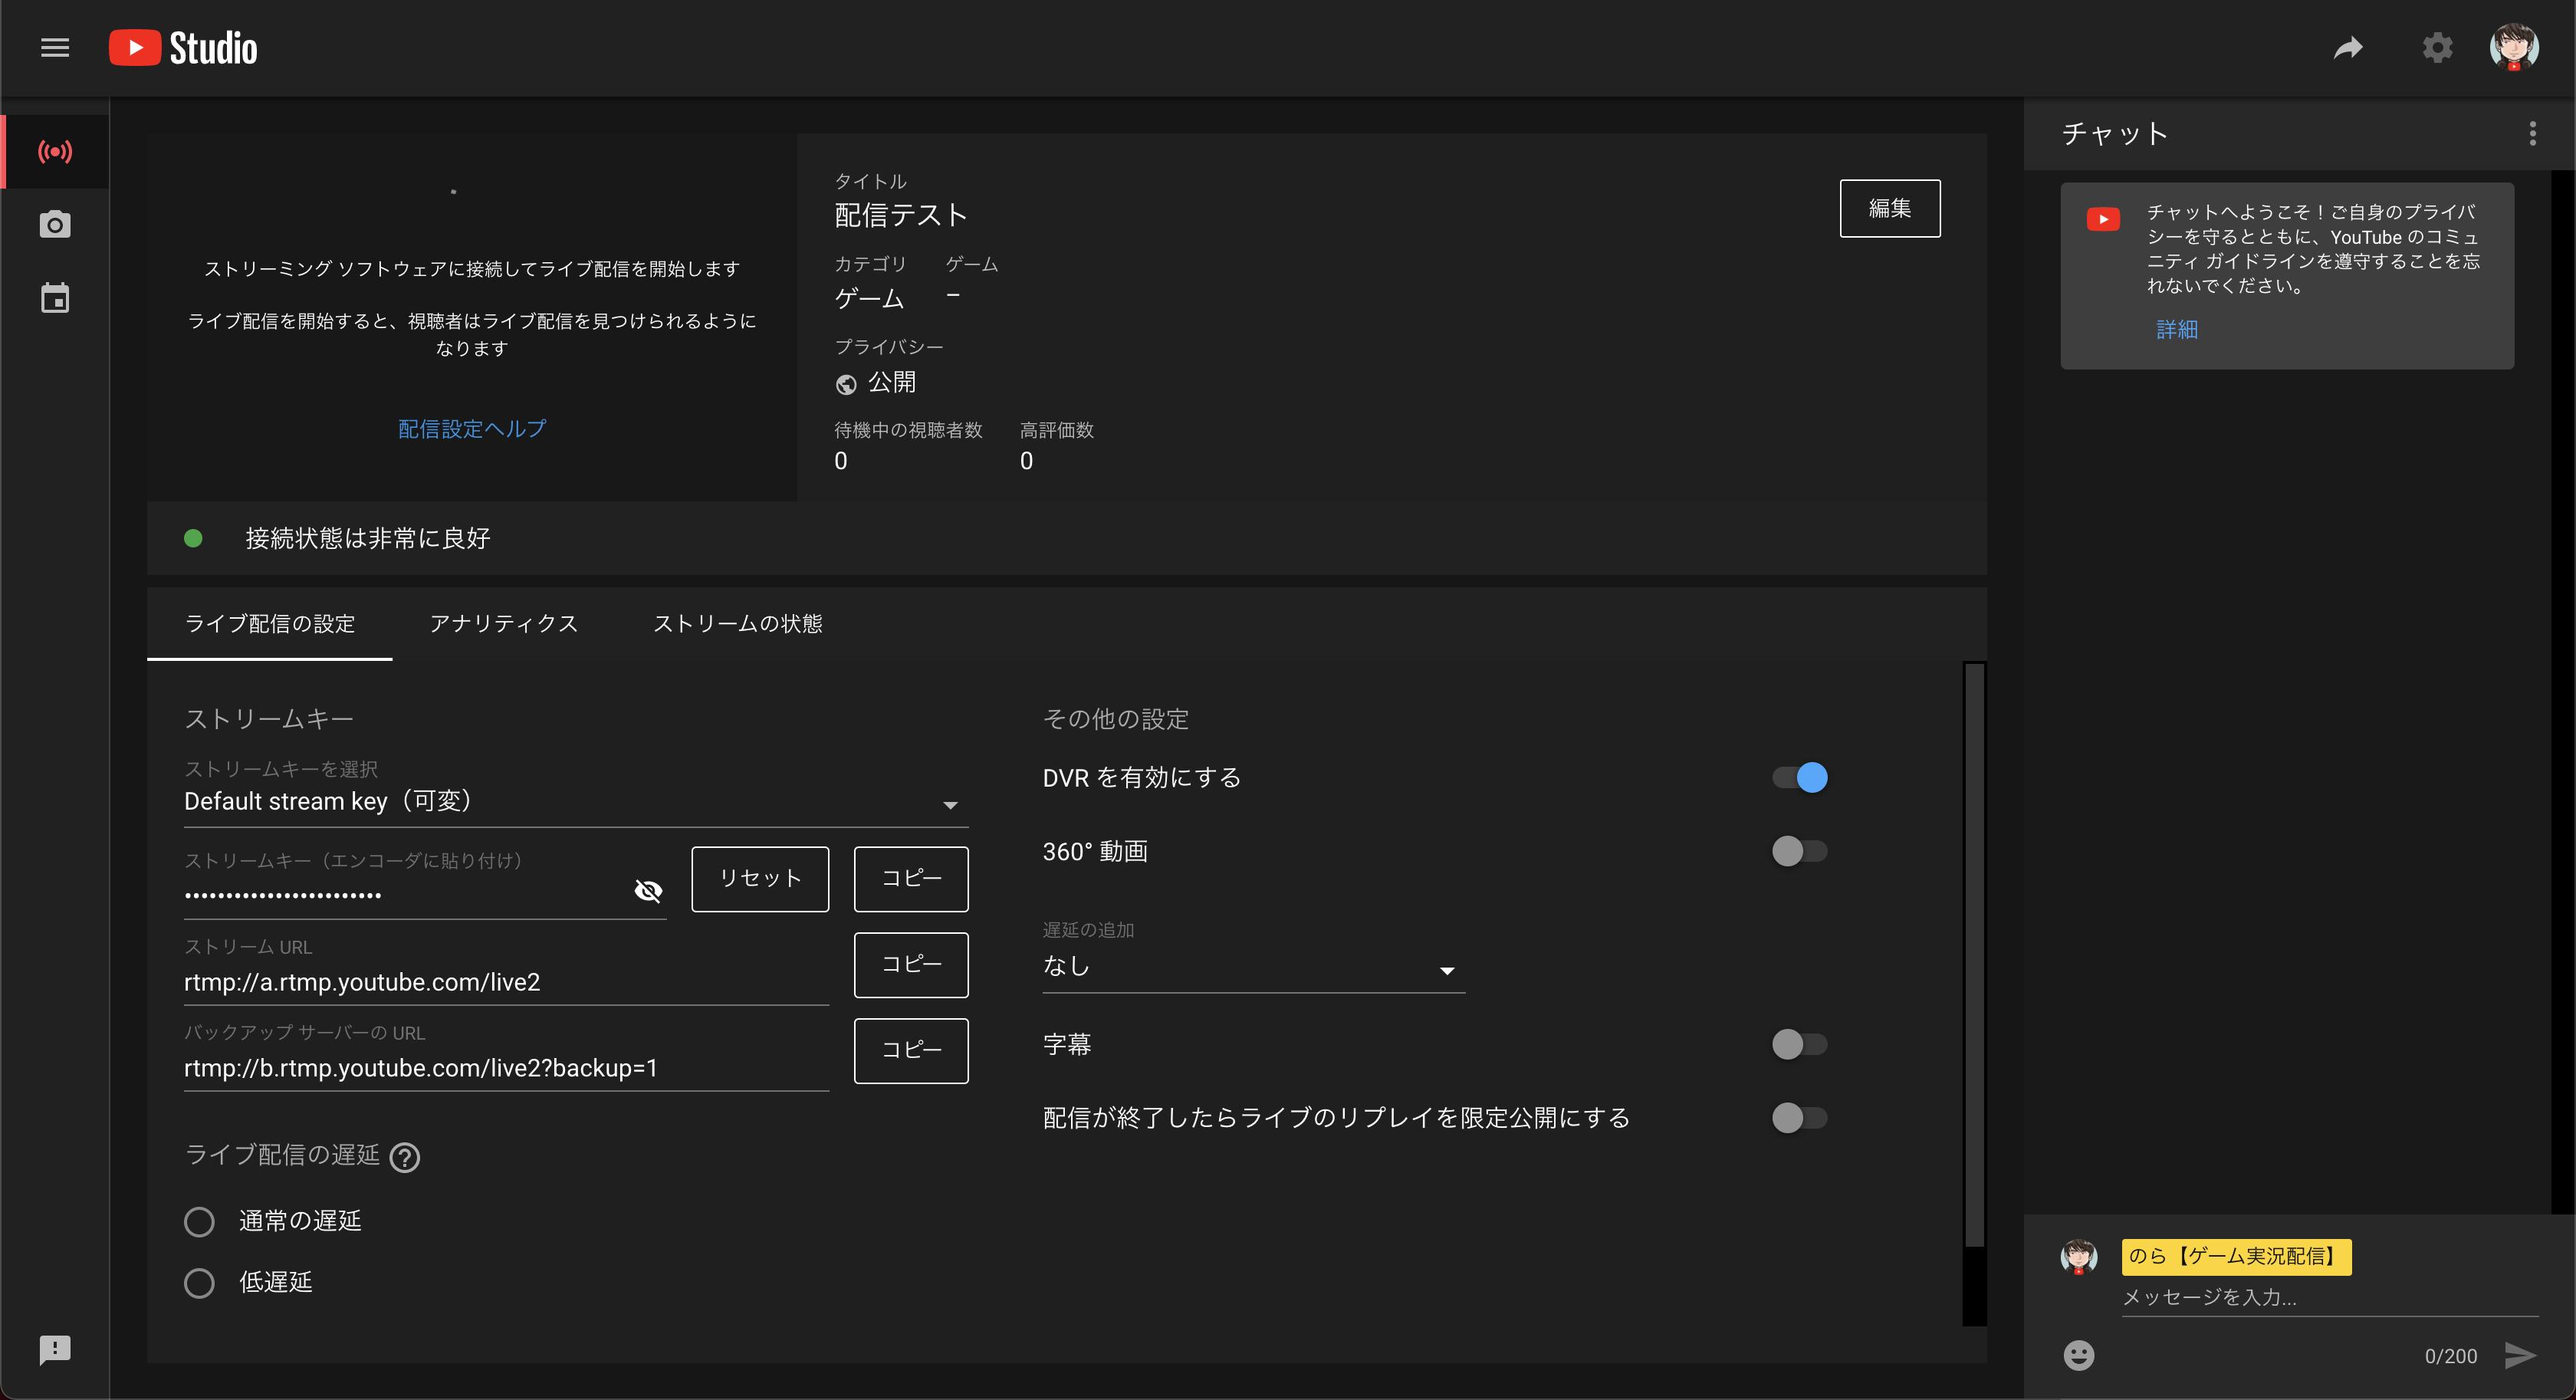 スクリーンショット 2020-11-18 15.16.28.png